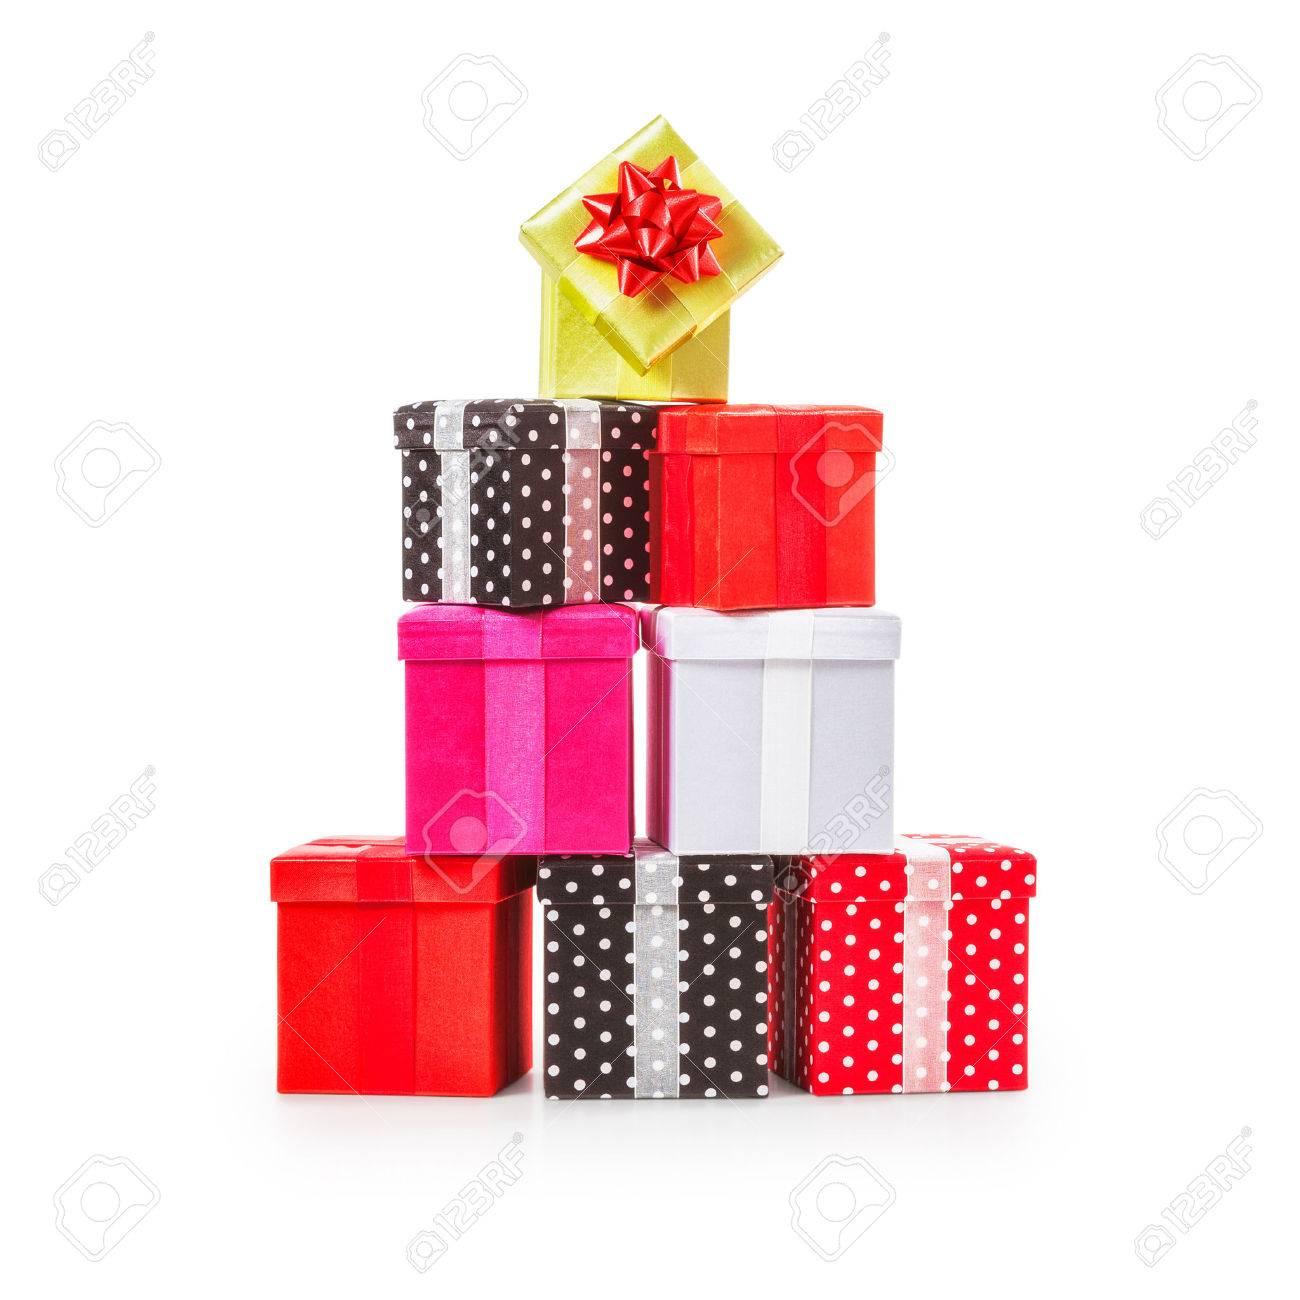 Gestapelte Geschenkkästen Mit Schleife. Weihnachtsgeschenk. Kruppe ...